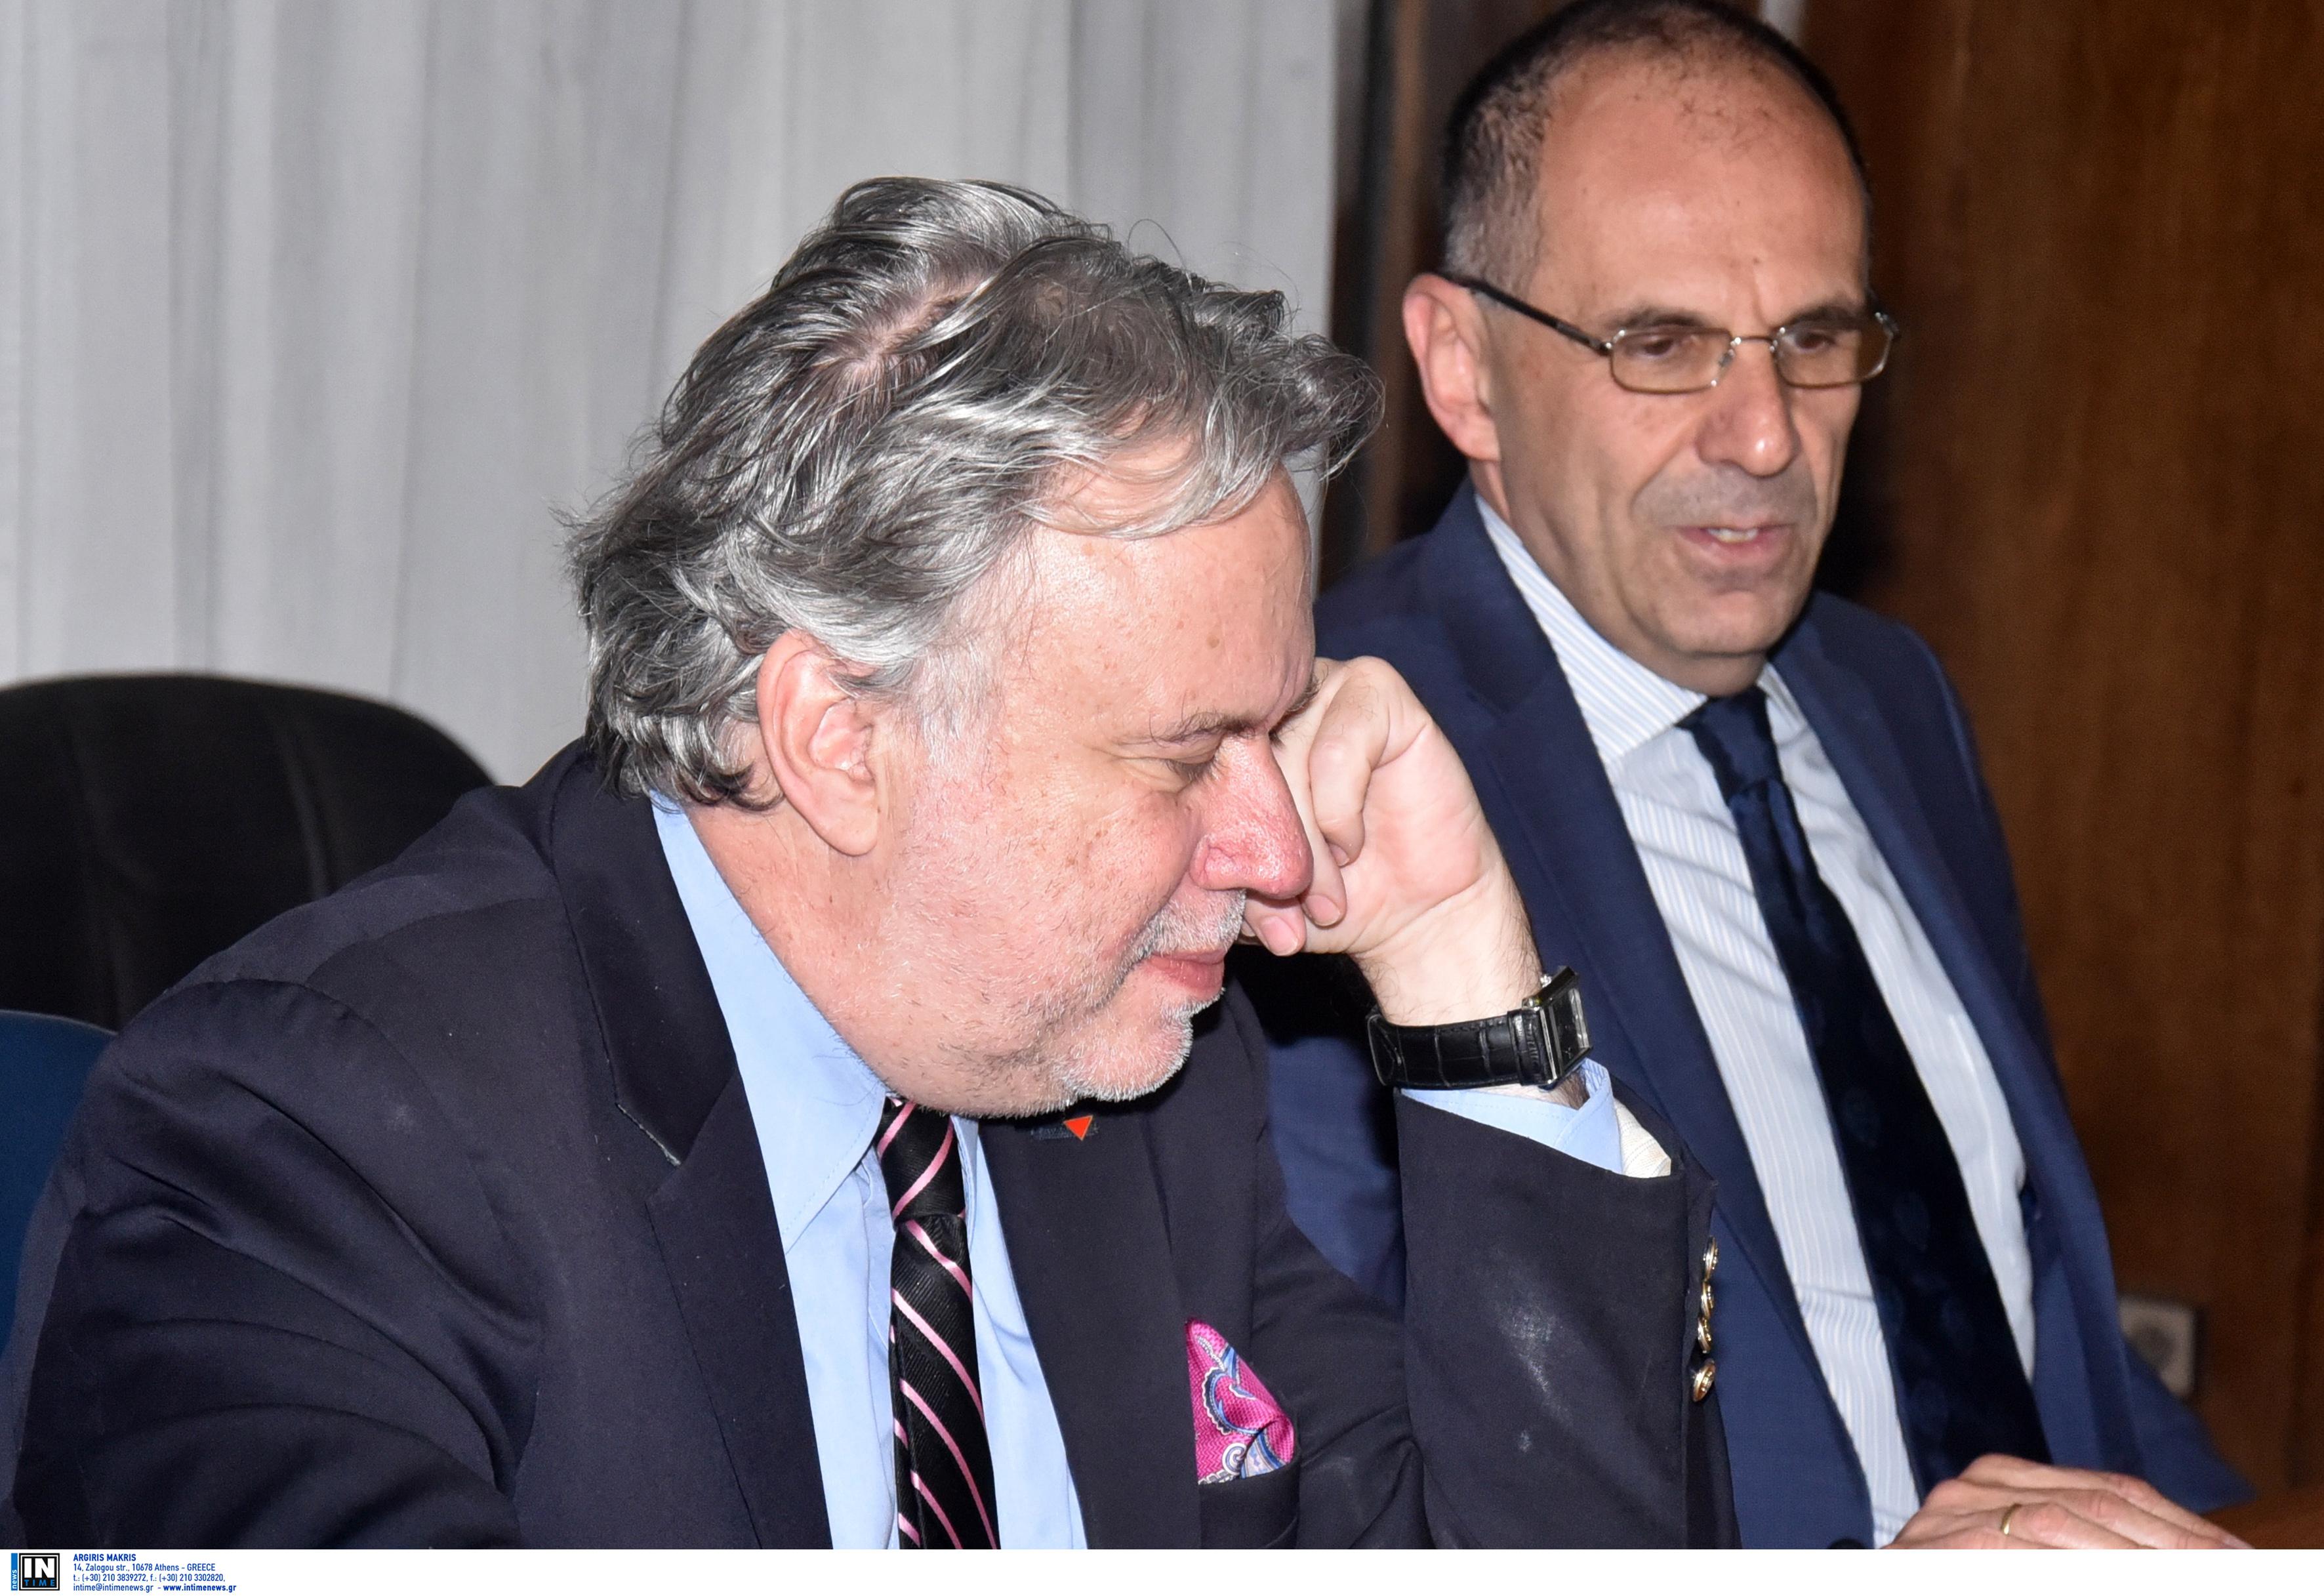 Ο διάολος κρύβεται στις λεπτομέρειες - Θέλουν… αποδείξεις για το «ναι» στην ψήφο των αποδήμων ΣΥΡΙΖΑ και ΚΚΕ